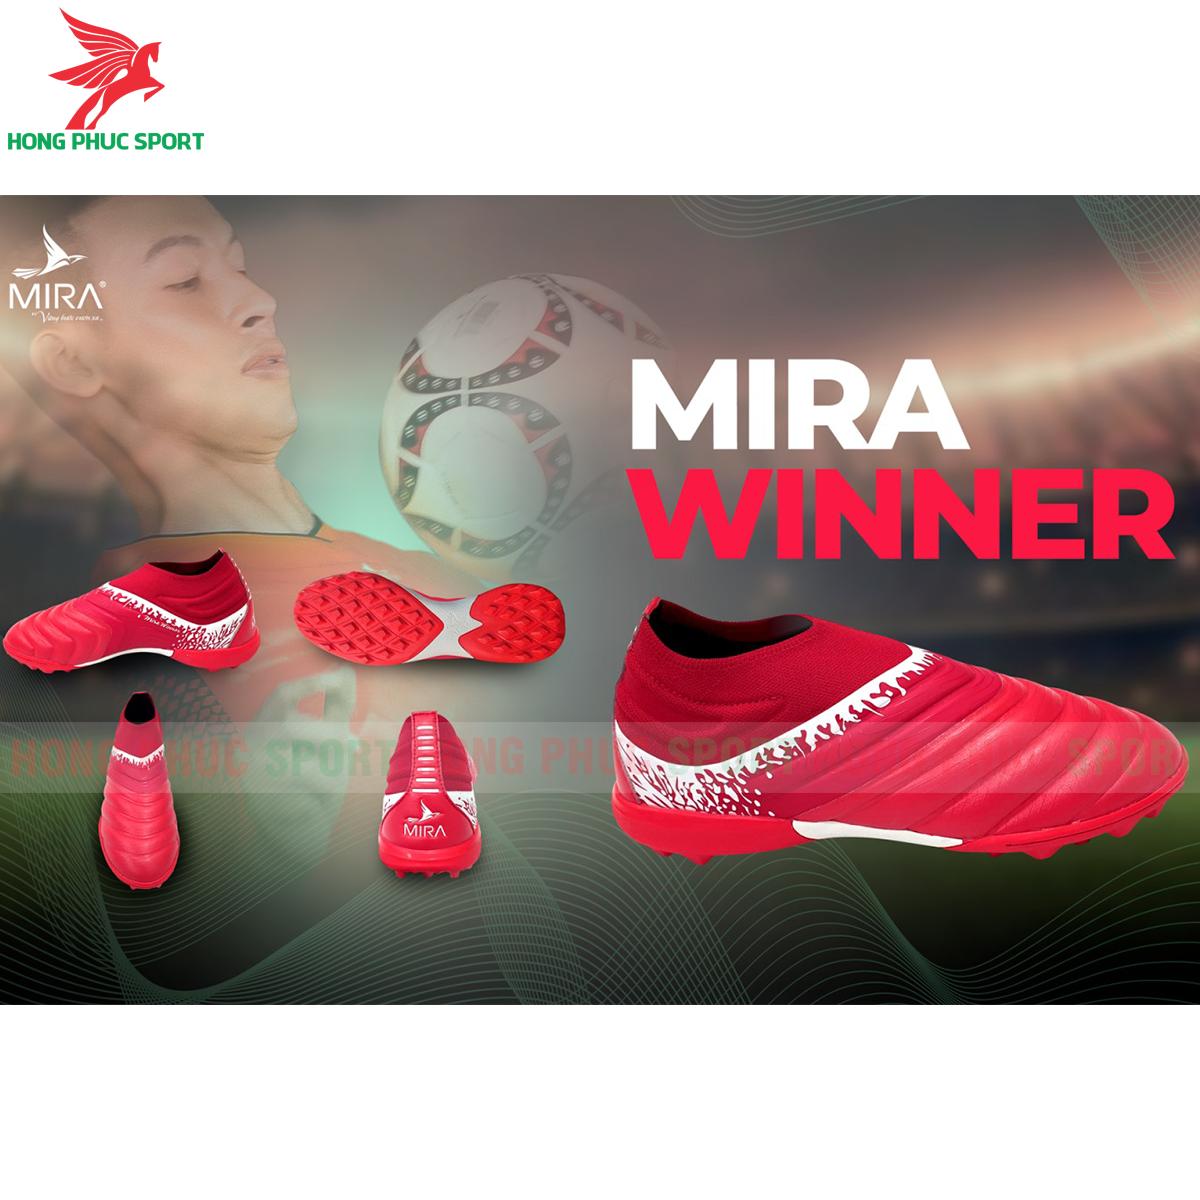 Giày Mira Winner sân cỏ nhân tạo màu đỏ